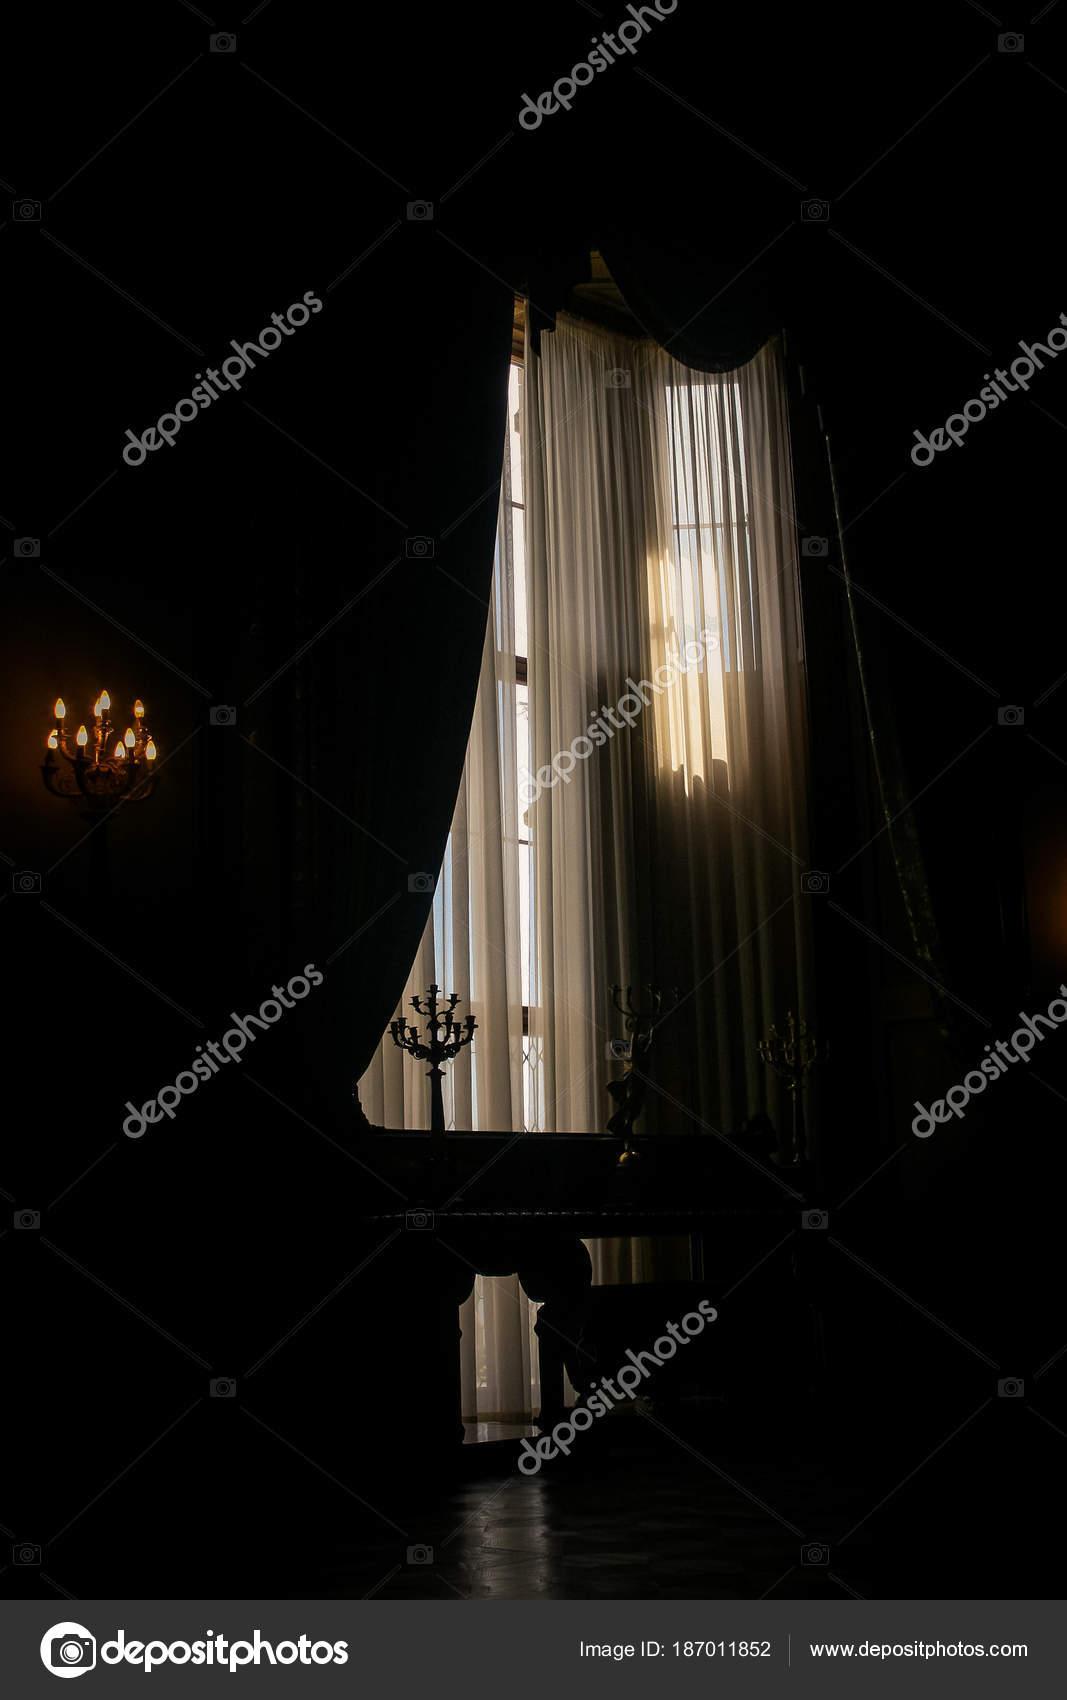 Krim Woronzow Palast Innen Dunkler Raum Mit Fensterlicht Und Kerzen